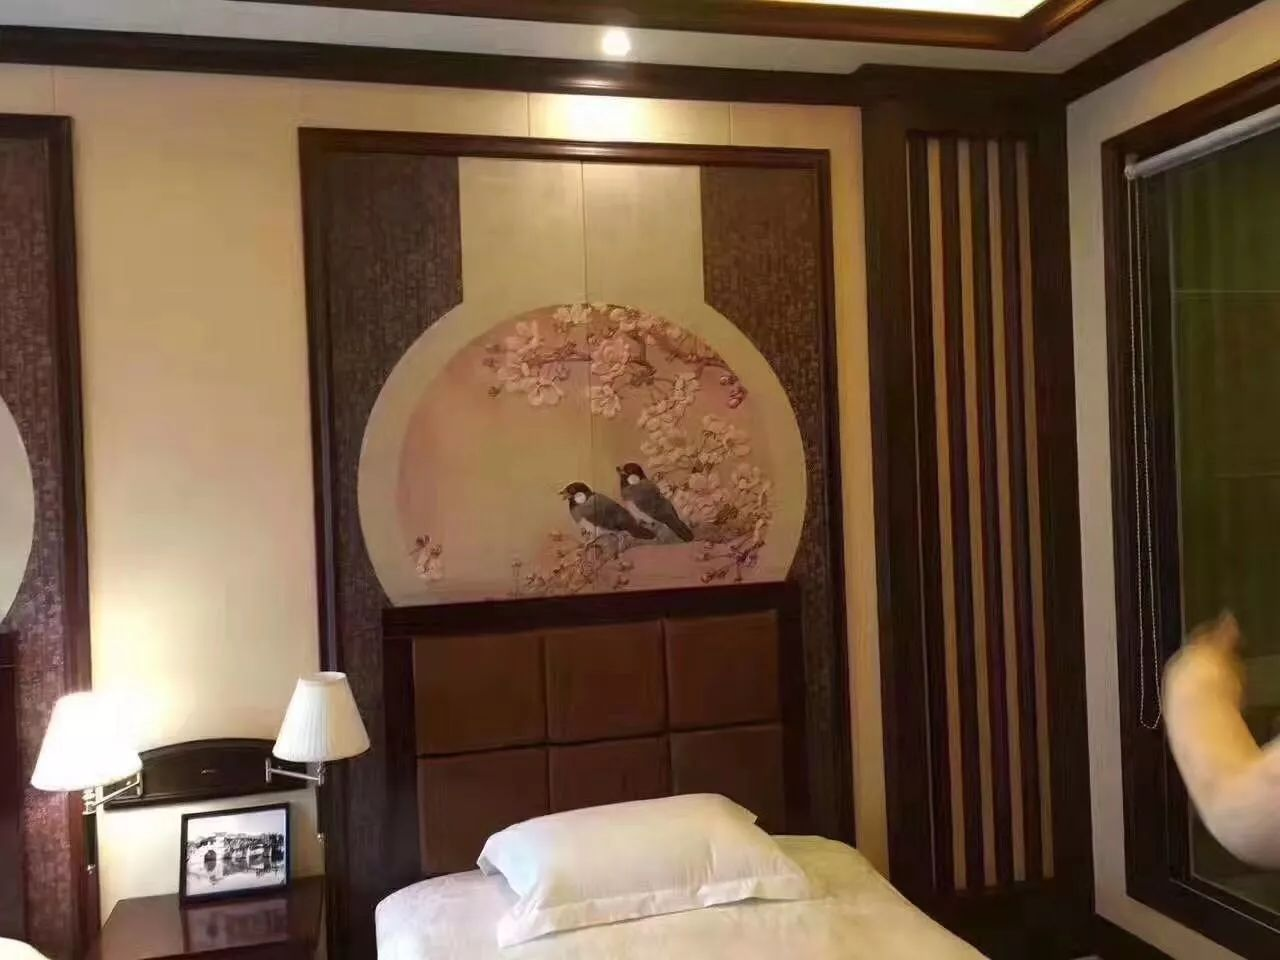 南昌盛福建材竹木纤维集成墙面为什么这么火